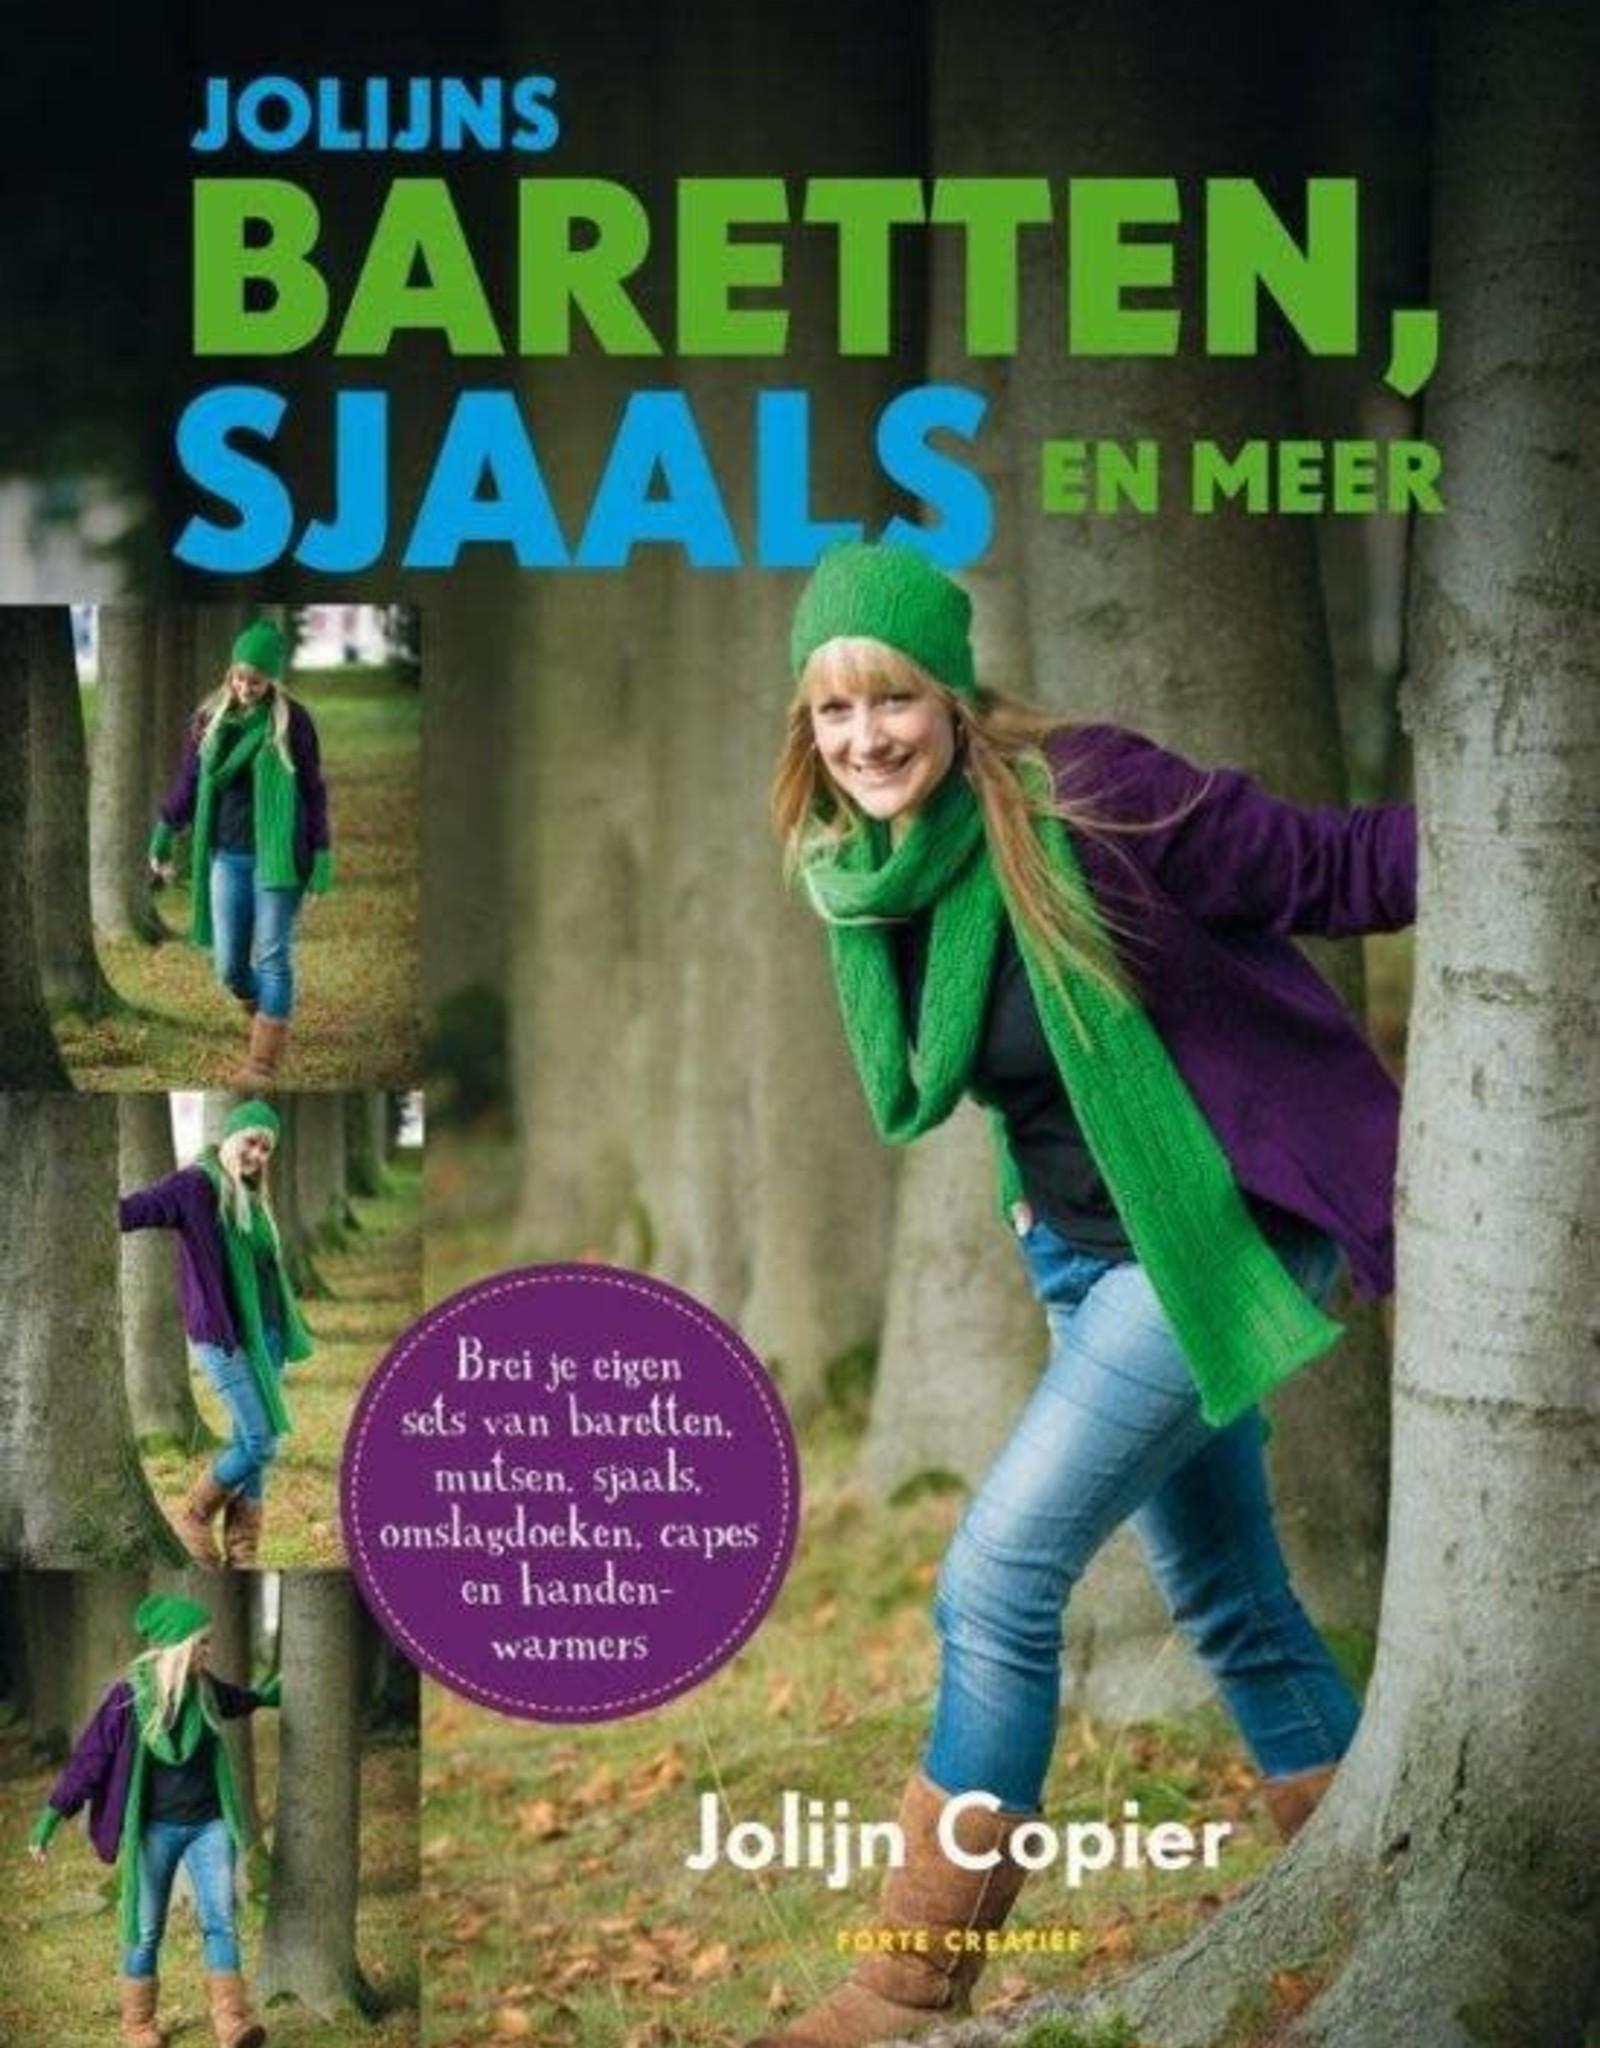 Jolijns baretten, sjaals en meer Auteur: Jolijn Copier